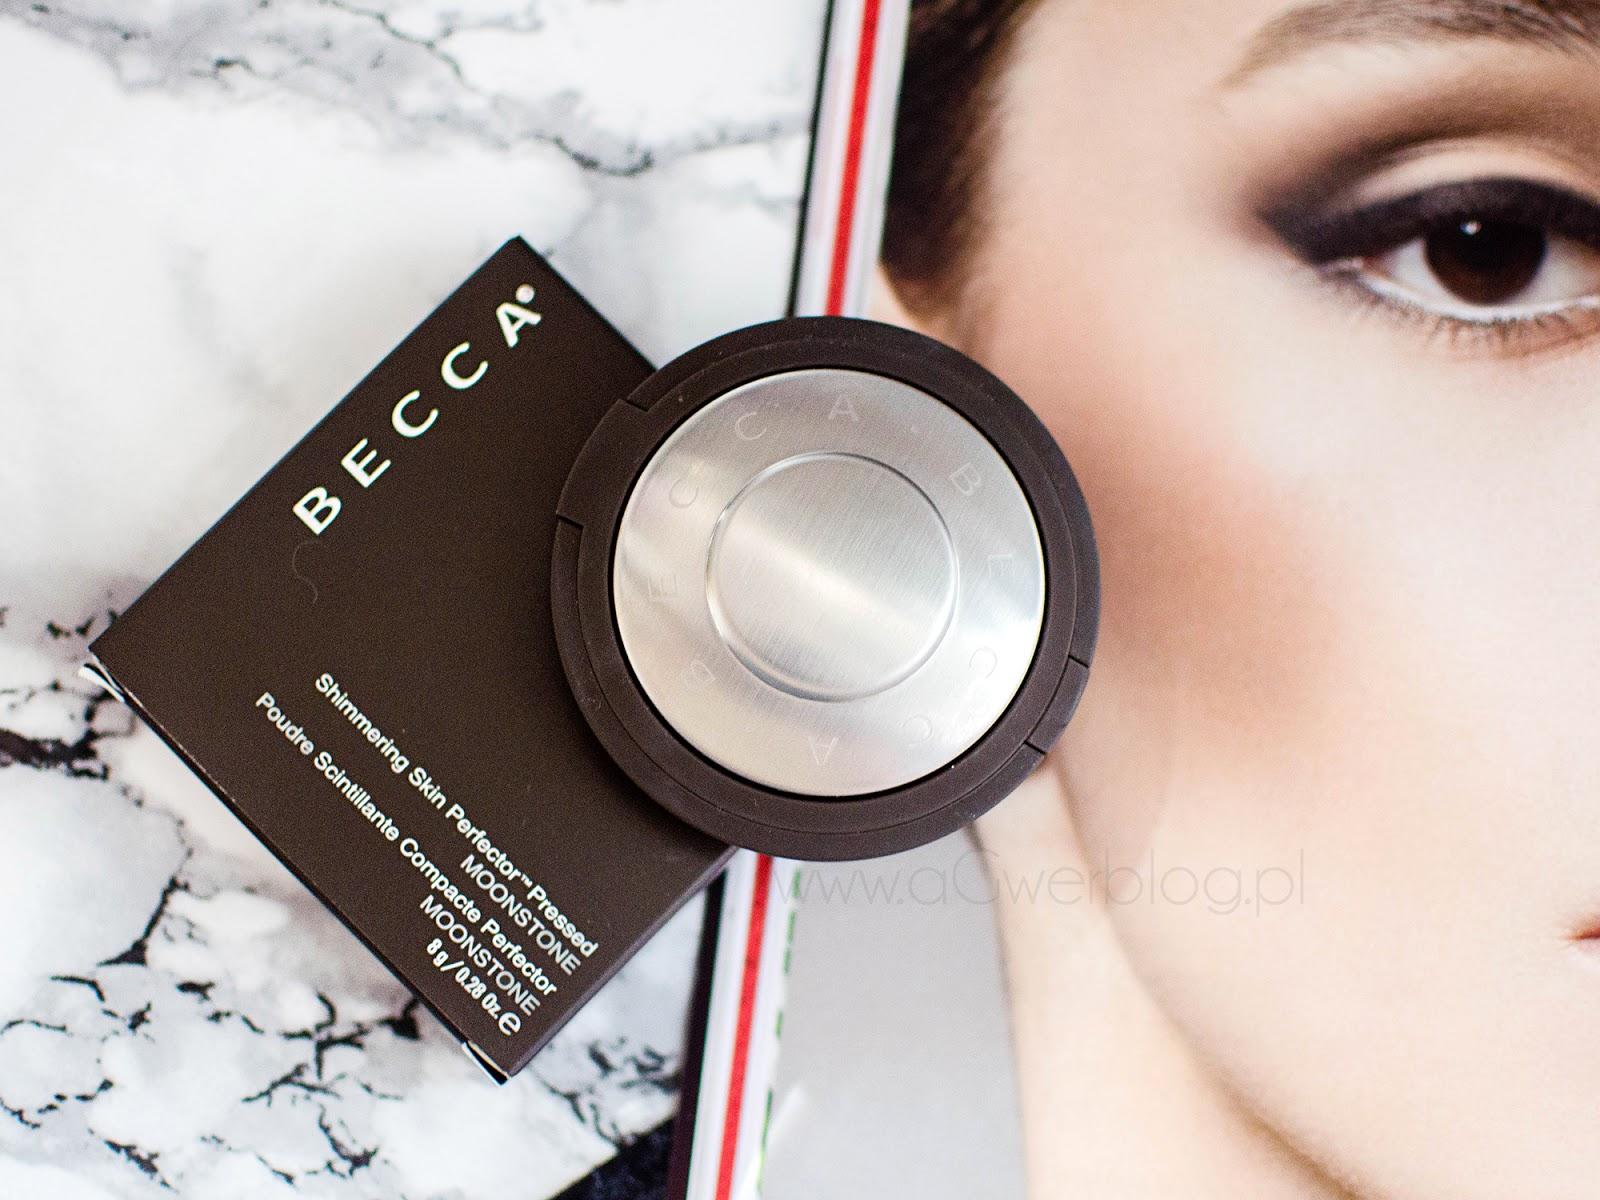 Rozświetlacz Becca Moonstone | Czy warto wydać na niego 155zł?